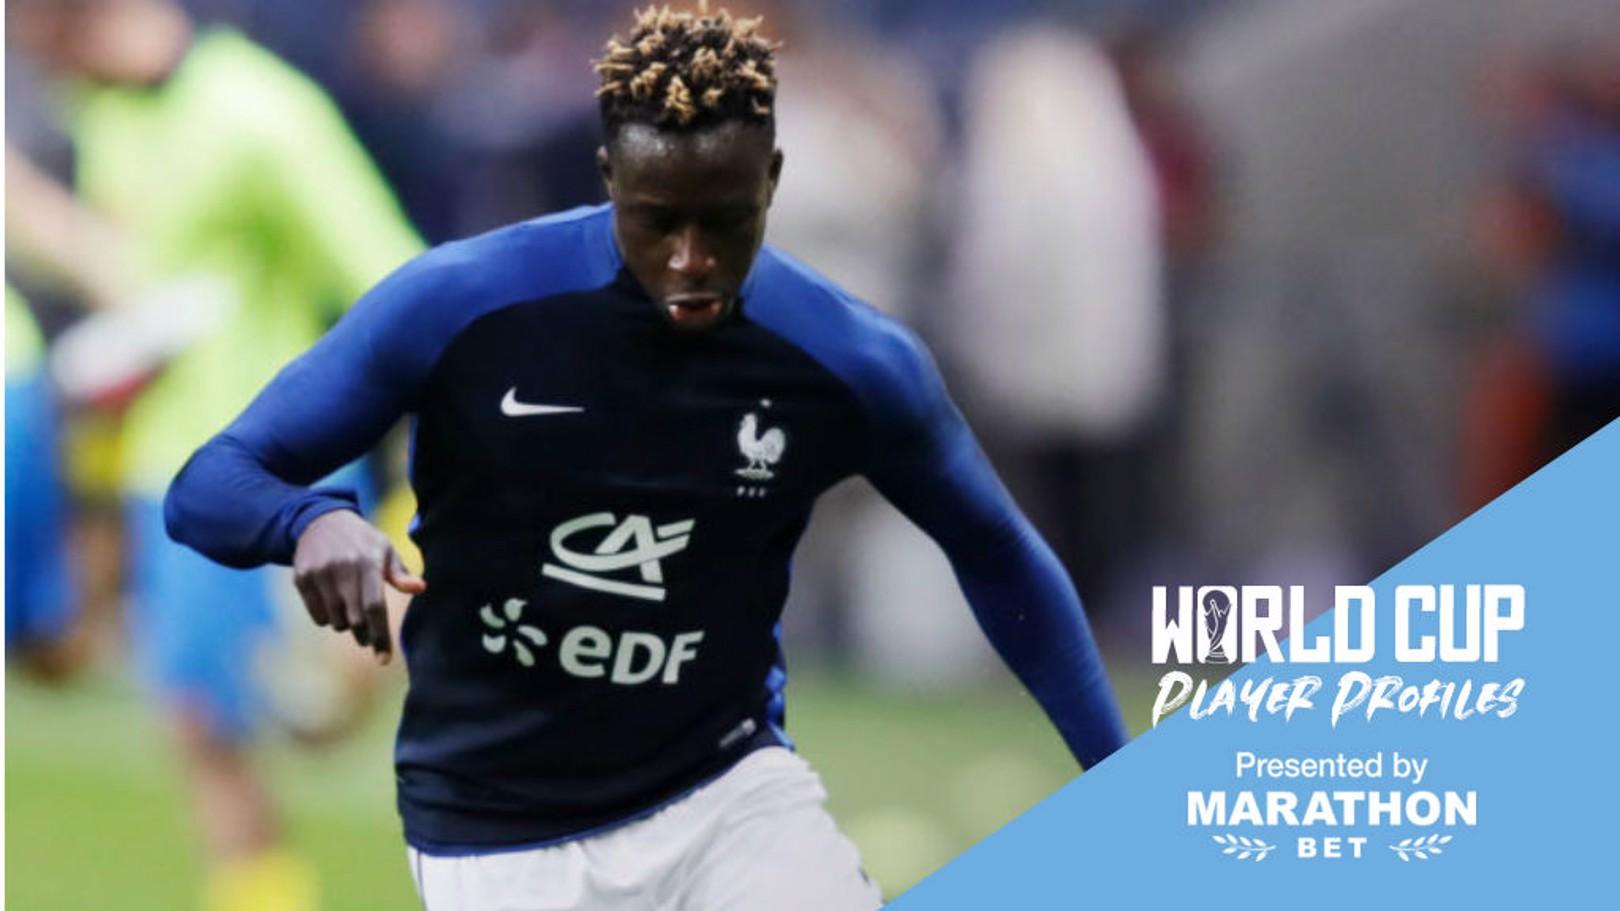 ด้วยความสามารถและศักยภาพของเมนดี้ จึงทำให้เขาได้เข้ามาเป็นส่วนสำคัญของทีมชาติฝรั่งเศสในฟุตบอลโลกหนนี้